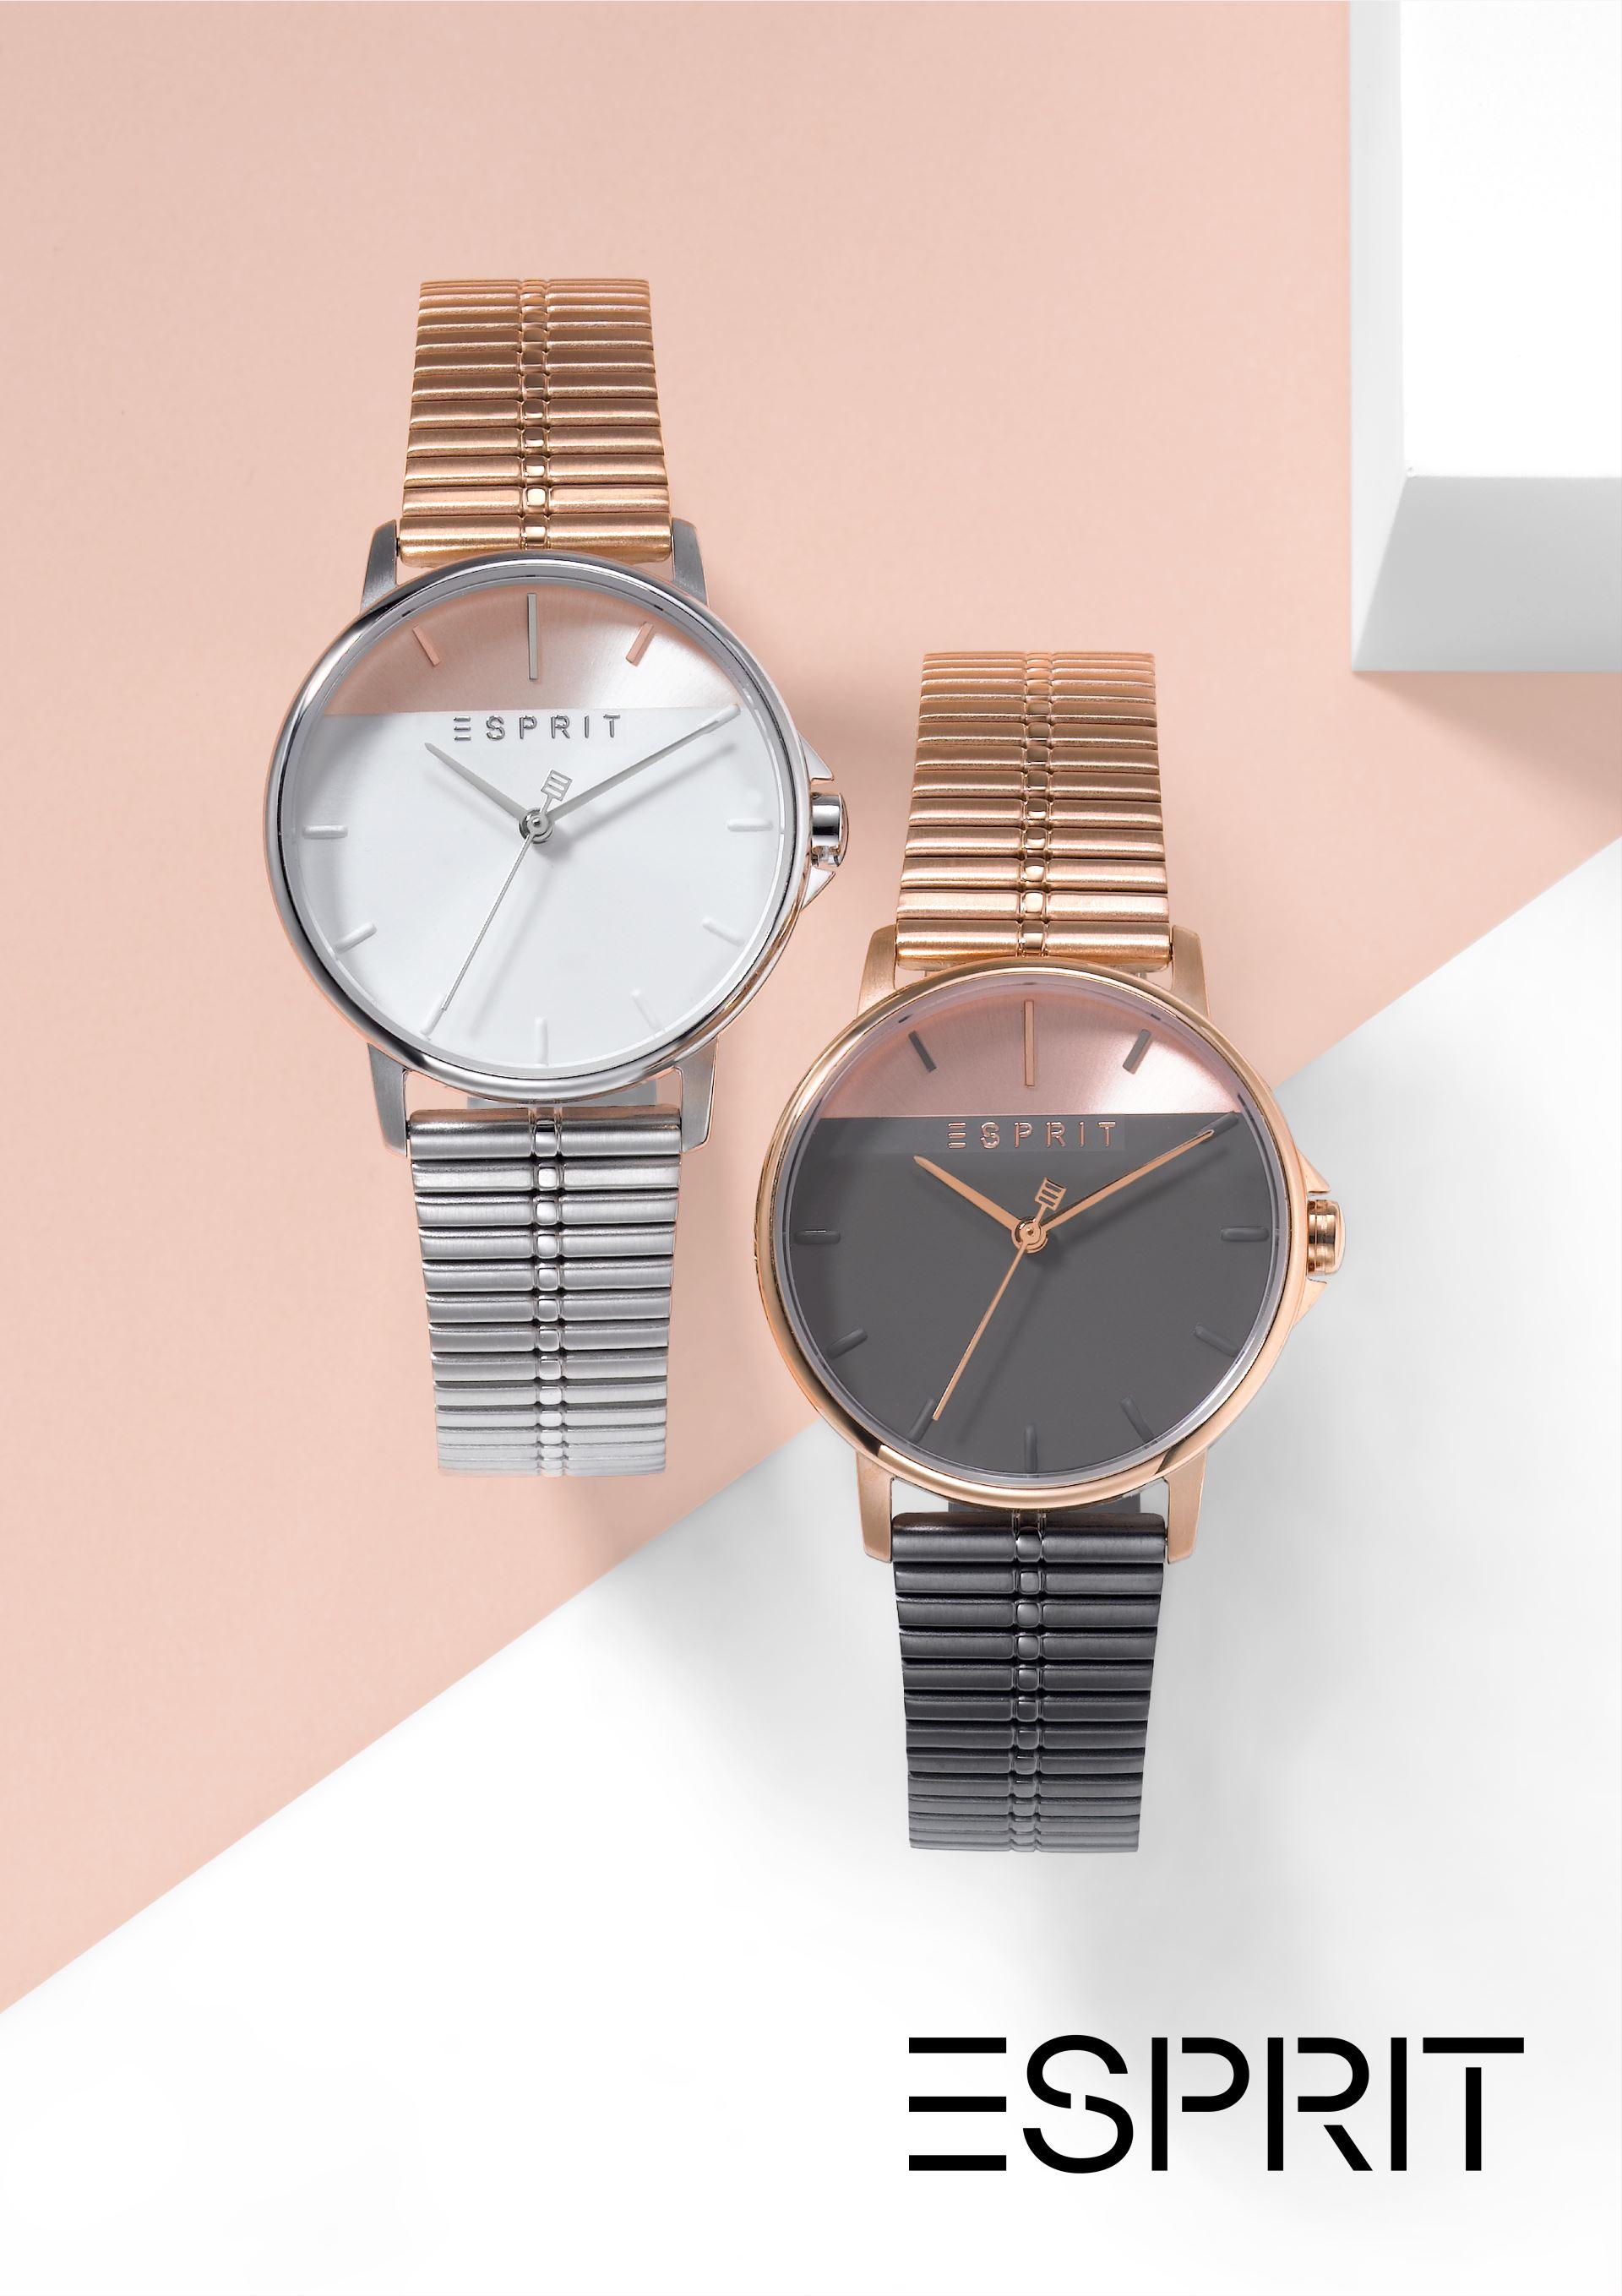 5946c2378 Espritky, jak se dnes již lidově hodinkám této značky říká, získali ve  světě popularitu za krátký čas. Zakladatelé této značky, americká návrhářka  Susie ...